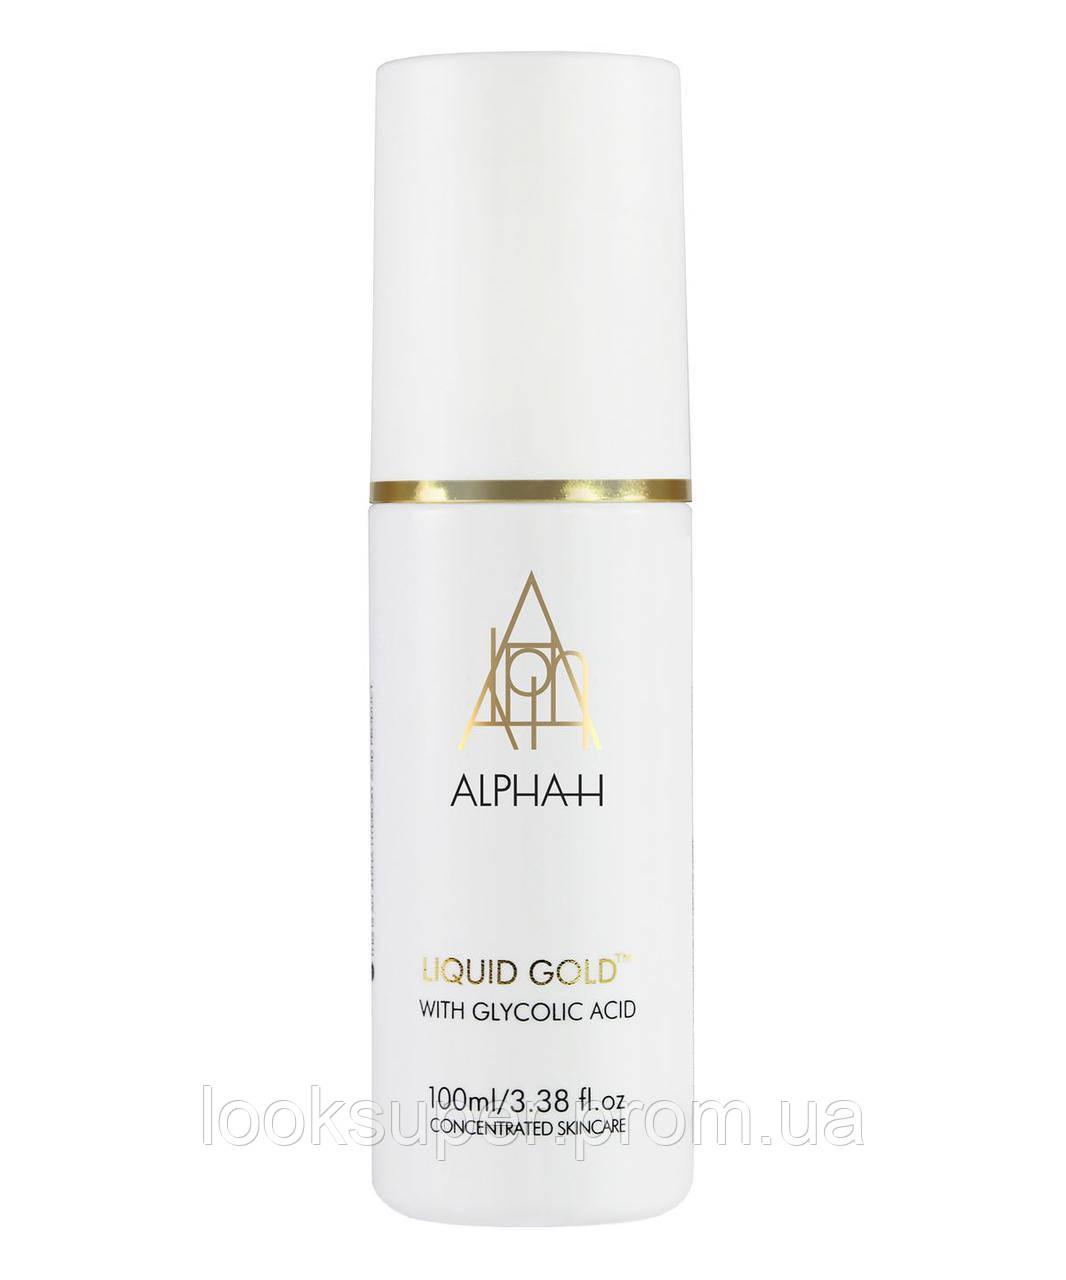 Лосьон для лица Alpha-H Liquid Gold